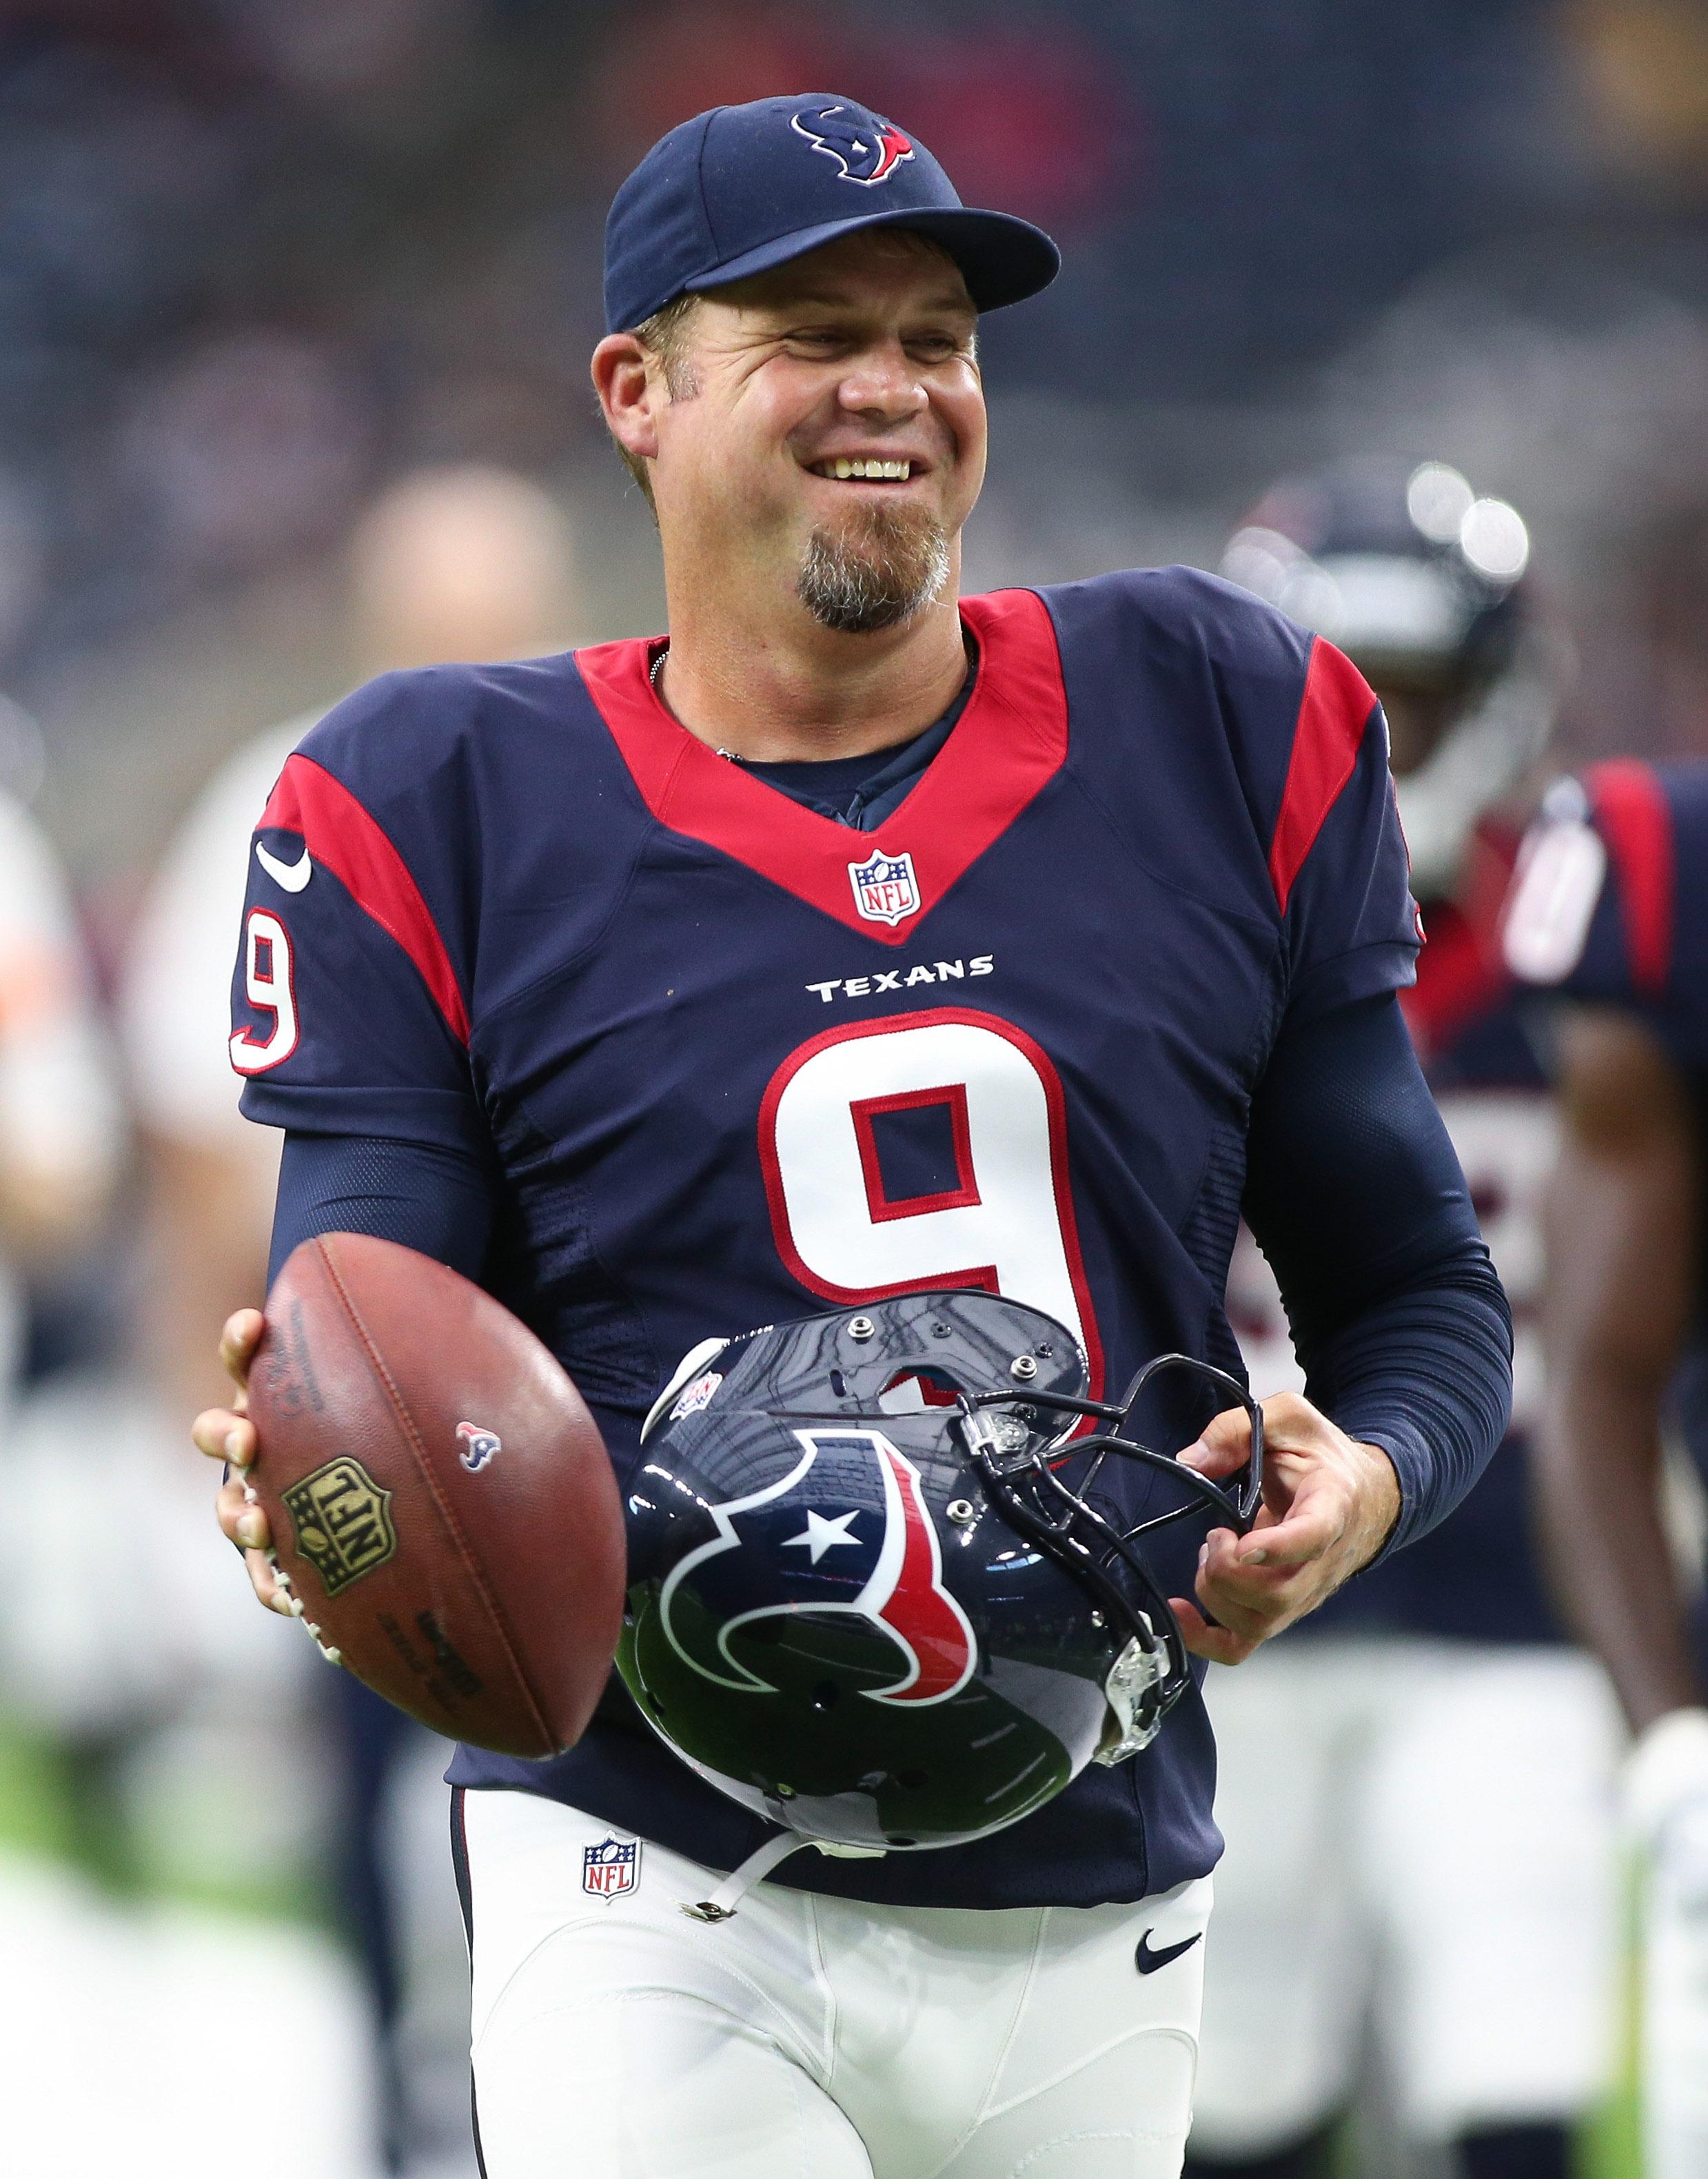 NFL: Preseason-New Orleans Saints at Houston Texans